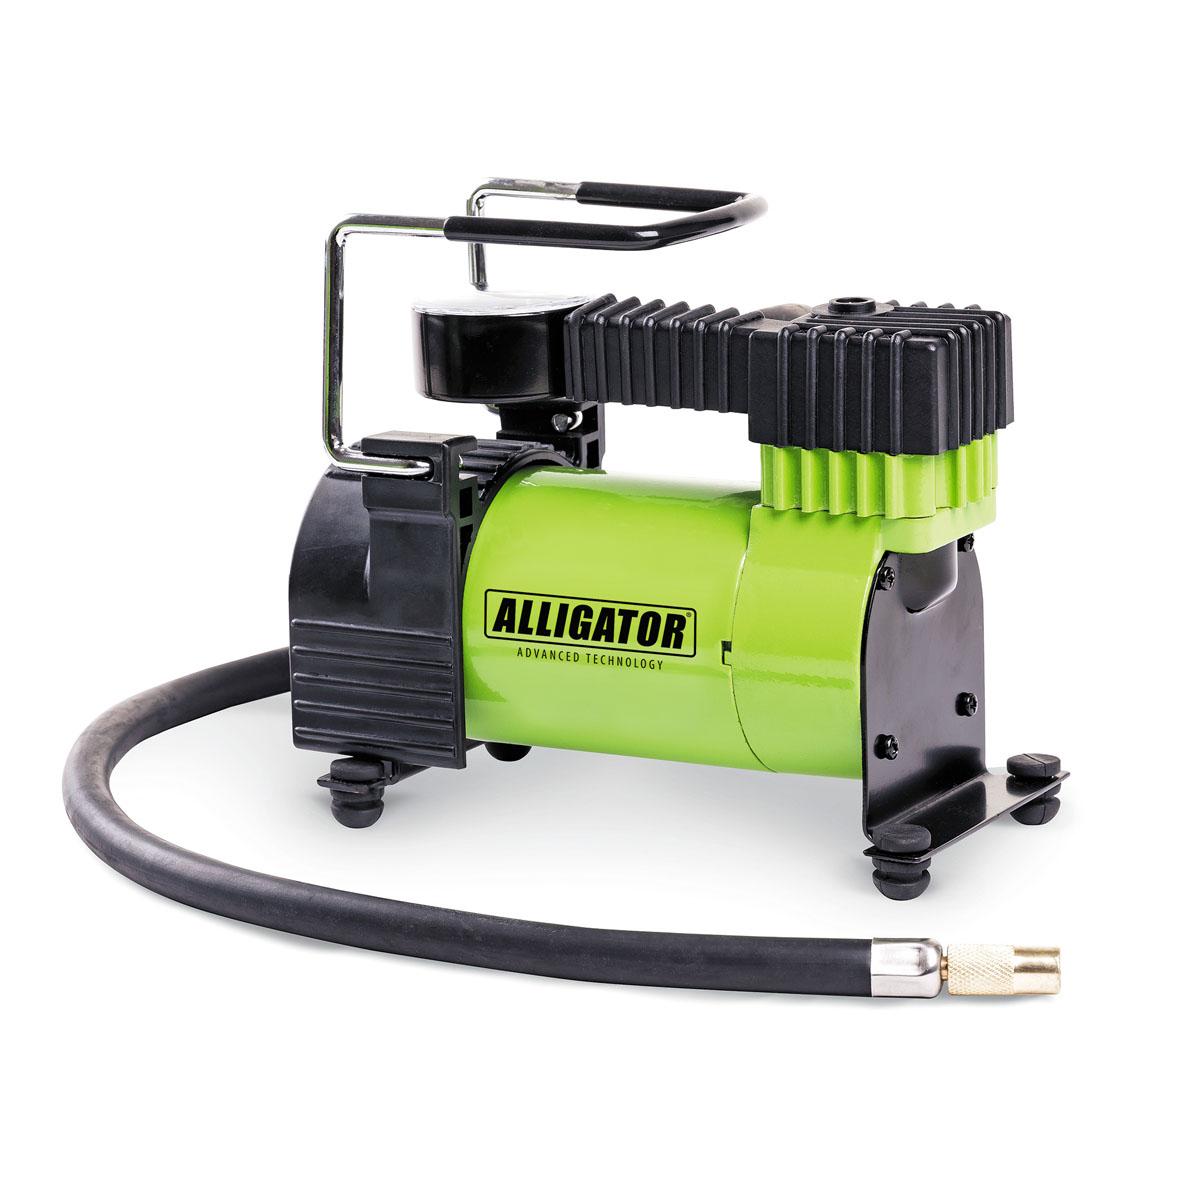 Компрессор автомобильный Автопрофи Аллигатор, 12В, 105 Вт. AL-300AL-300Автомобильный компрессор Автопрофи Аллигатор выполнен из высококачественного металла. В комплекте переходники для накачки надувных изделий. Питание осуществляется от бортовой сети 12В. Компрессор может непрерывно работать в течение 25 минут. В комплекте сумка для удобной переноски и хранения. Напряжение: 12В. Мощность: 105 Вт. Производительность: 28 л/мин. Максимальное давление 10 АТМ. Длина кабеля питания: 3 м. Длина шланга: 70 см. Время непрерывной работы: 25 минут. Диаметр поршня: 30 мм. Рабочая температура: от -20°С до +50°С. Максимальный ток: 14 А.